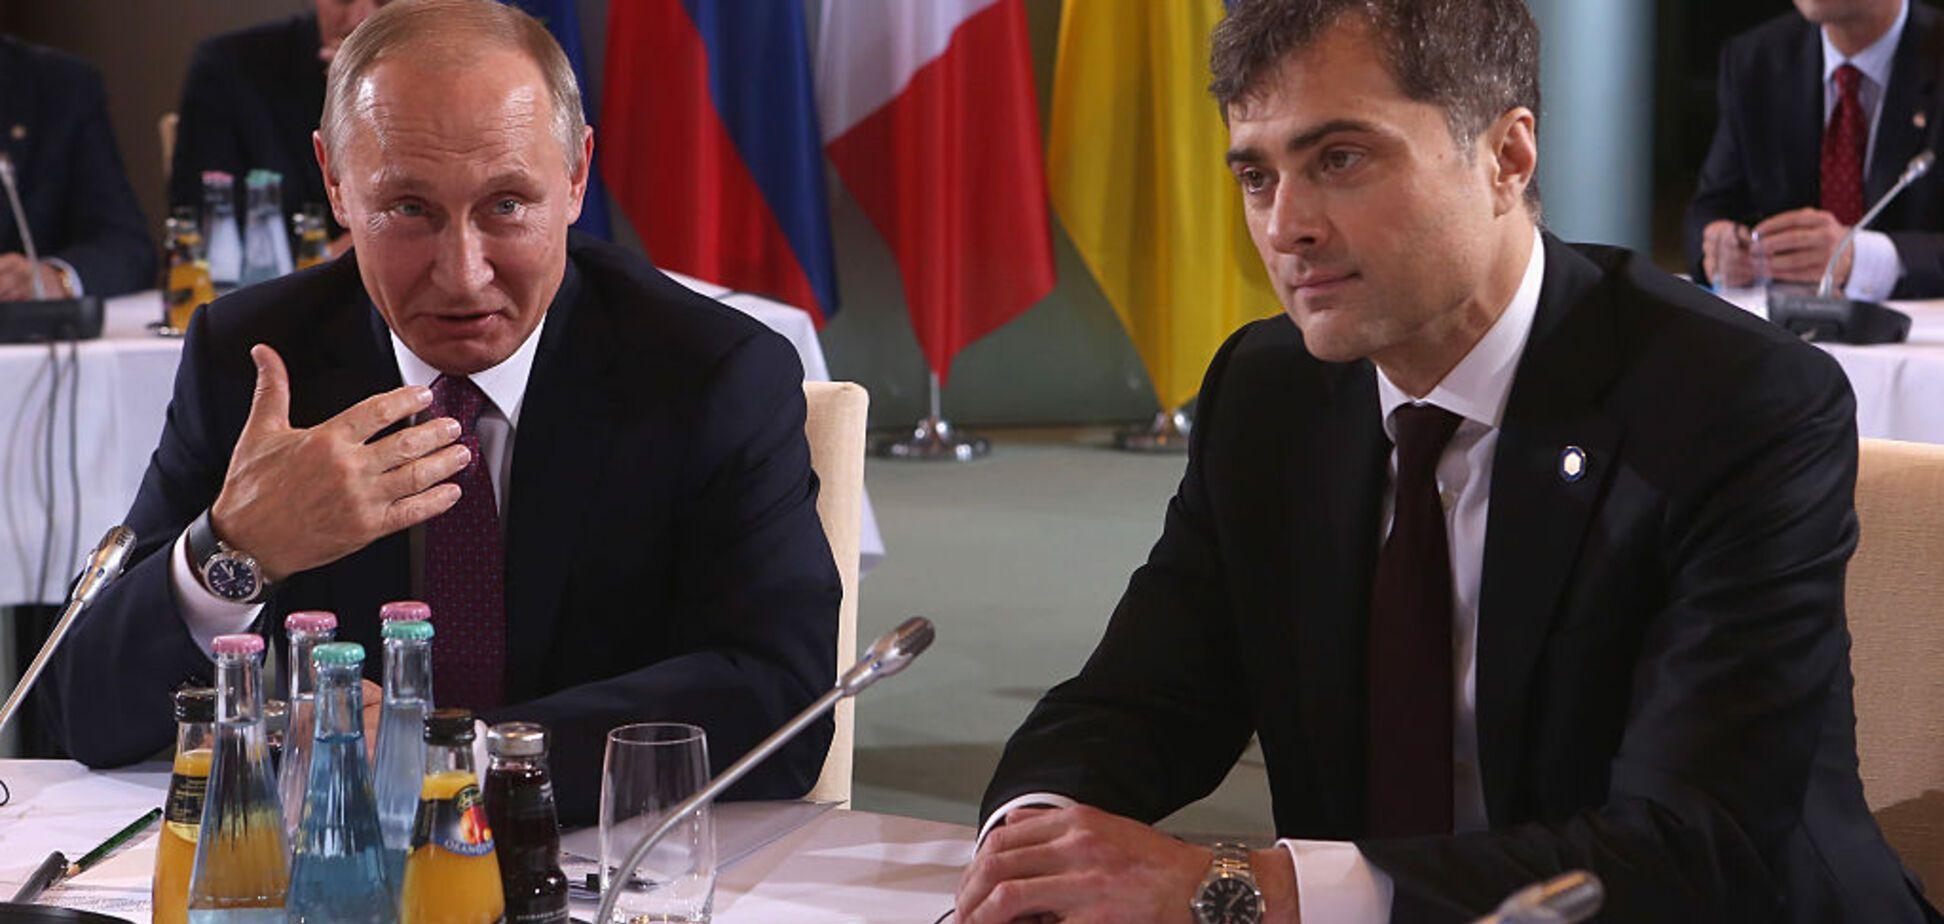 'Він не може цього допустити': назване єдине 'гальмо' Путіна на Донбасі